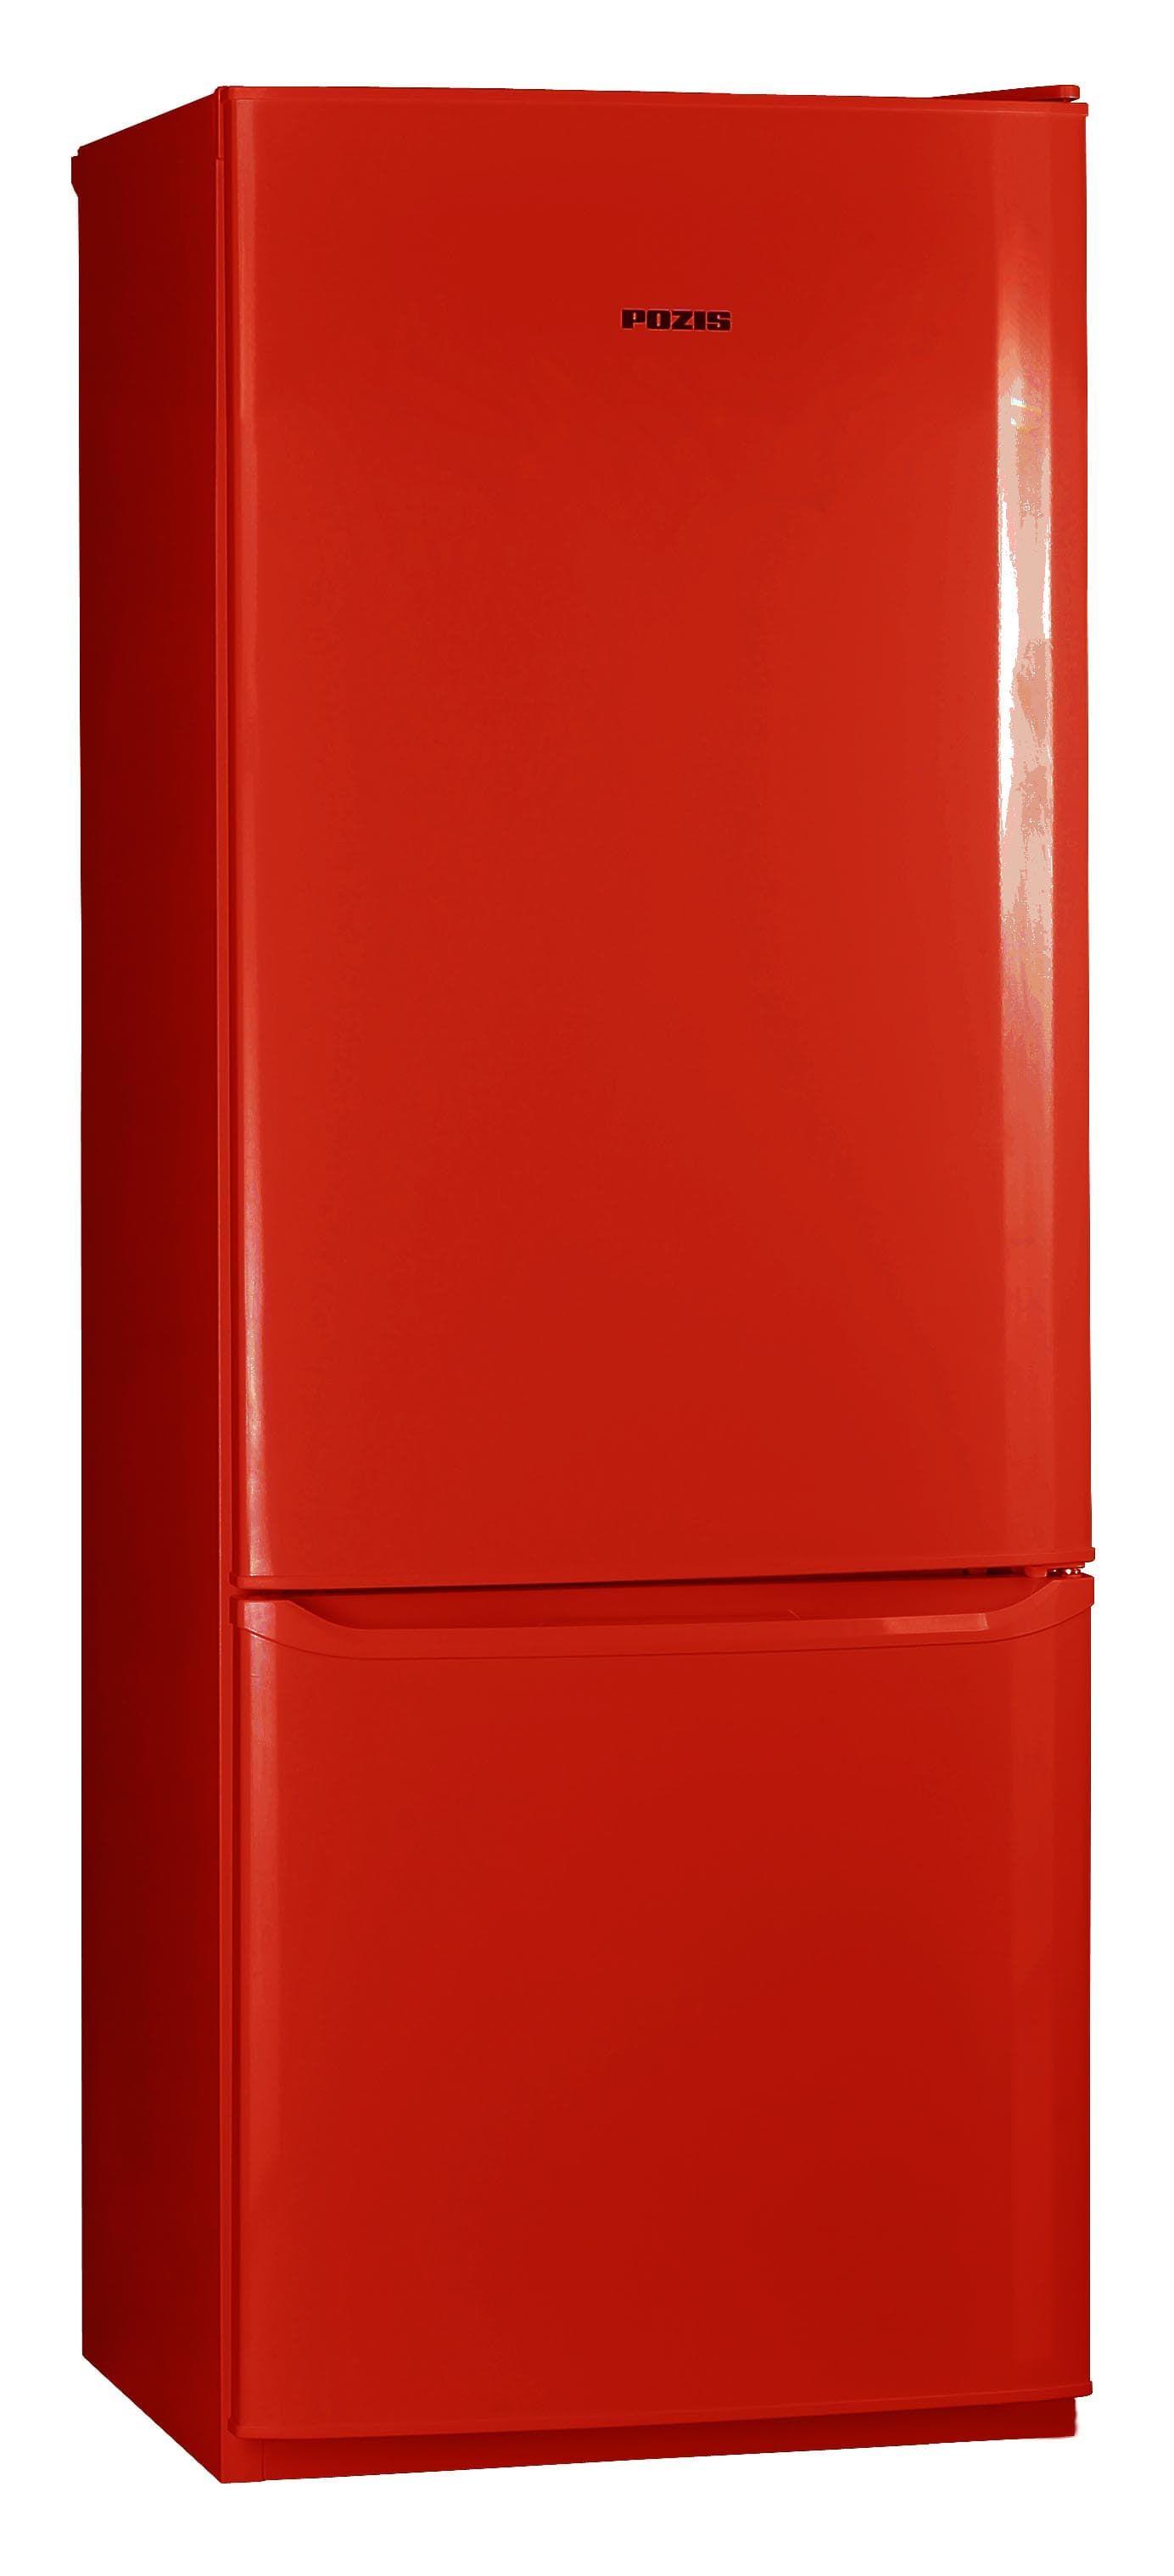 Шкаф холодильный RK-102 рубиновый